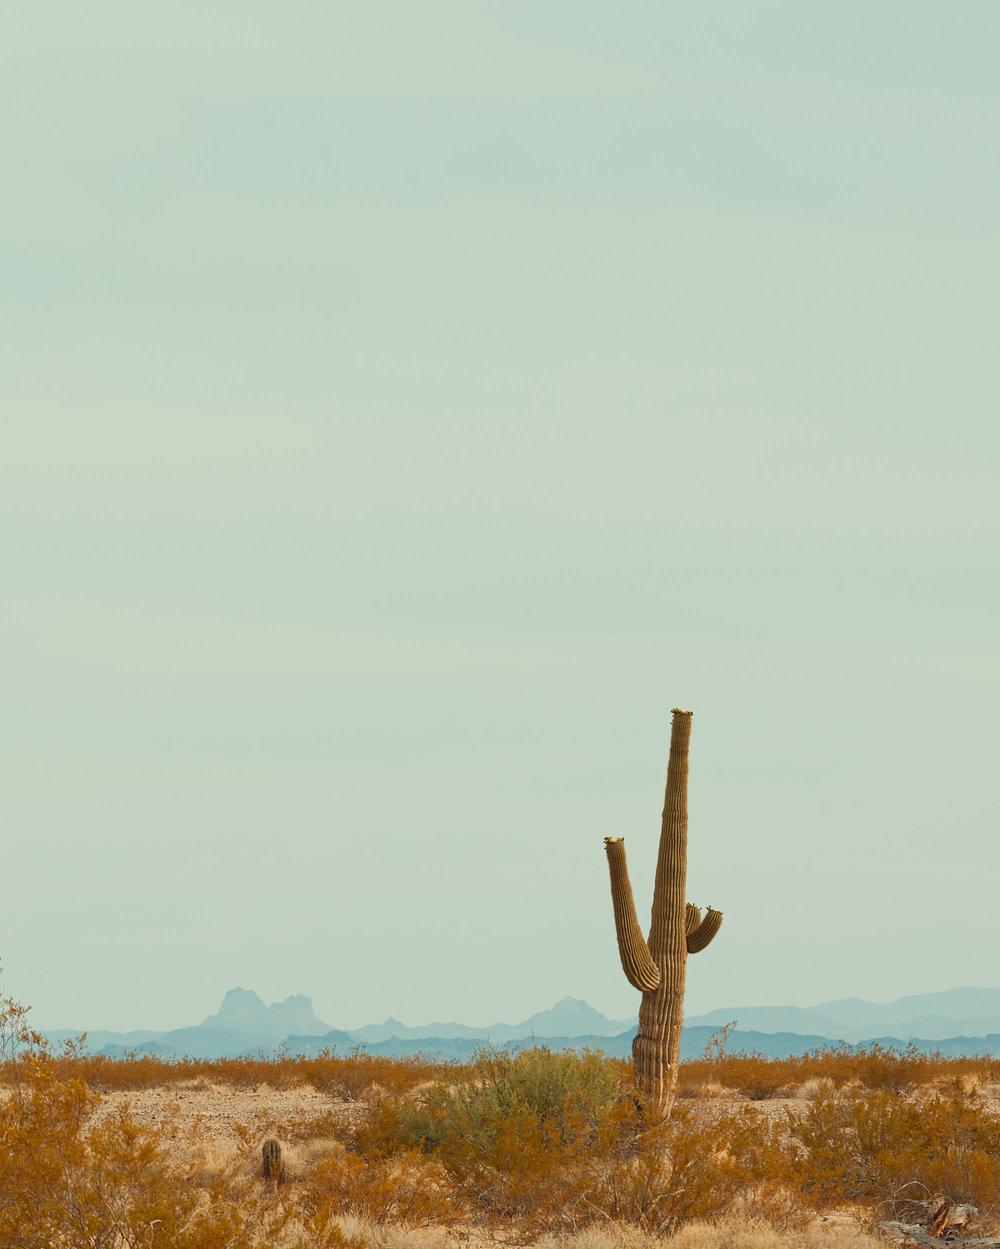 The Desert, 2018.